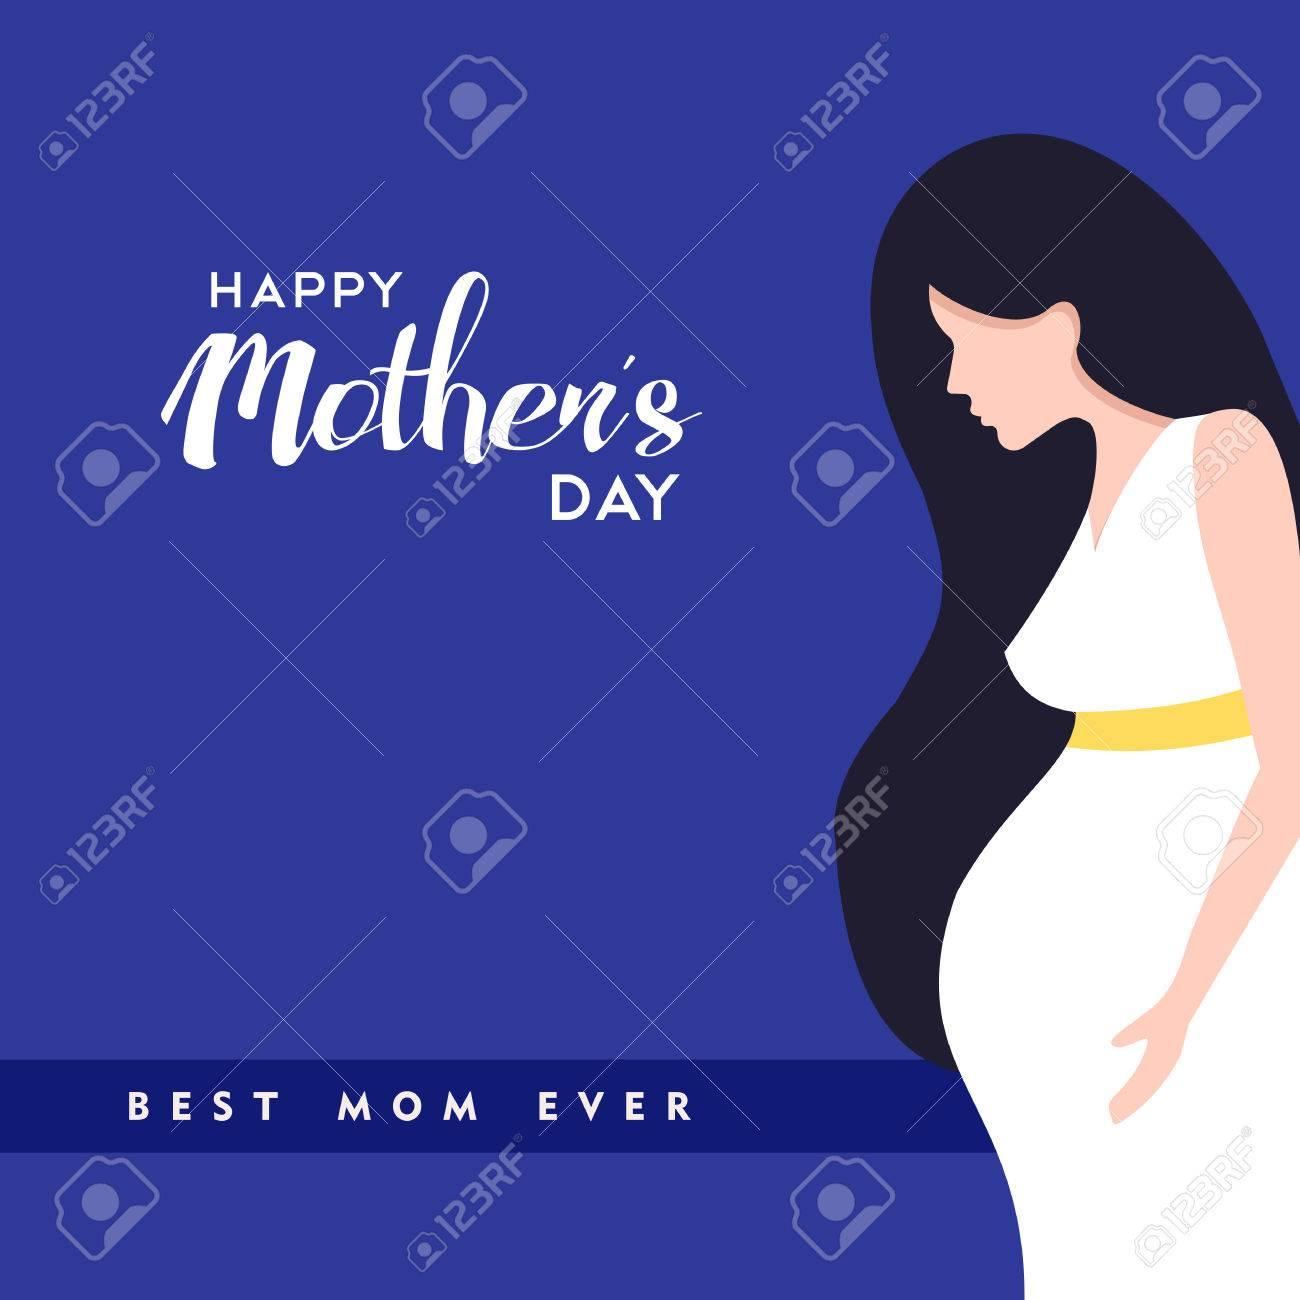 Illustration De La Fête Des Mères Heureux Femme Enceinte Avec Des Citations D Amour Maman Vecteur Eps10